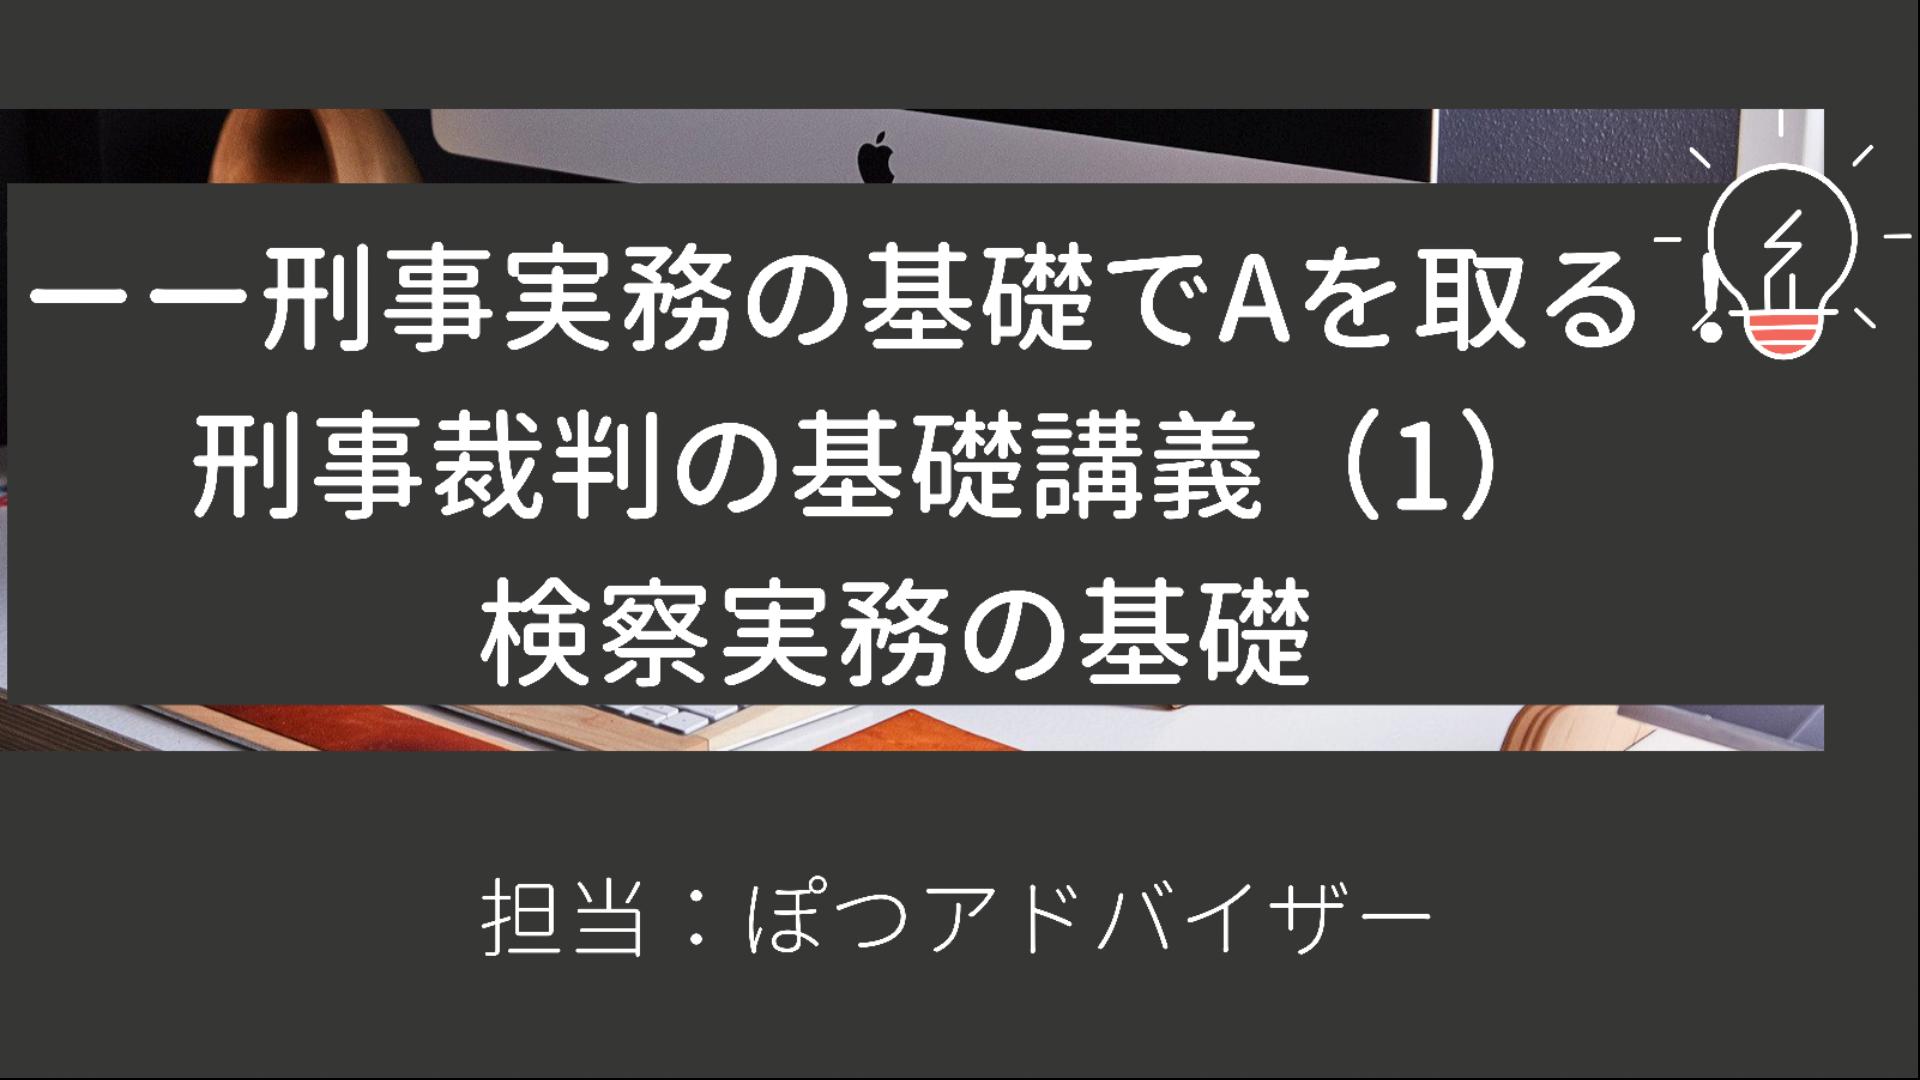 刑事実務基礎科目でAを取る(検察編)[アーカイブ]